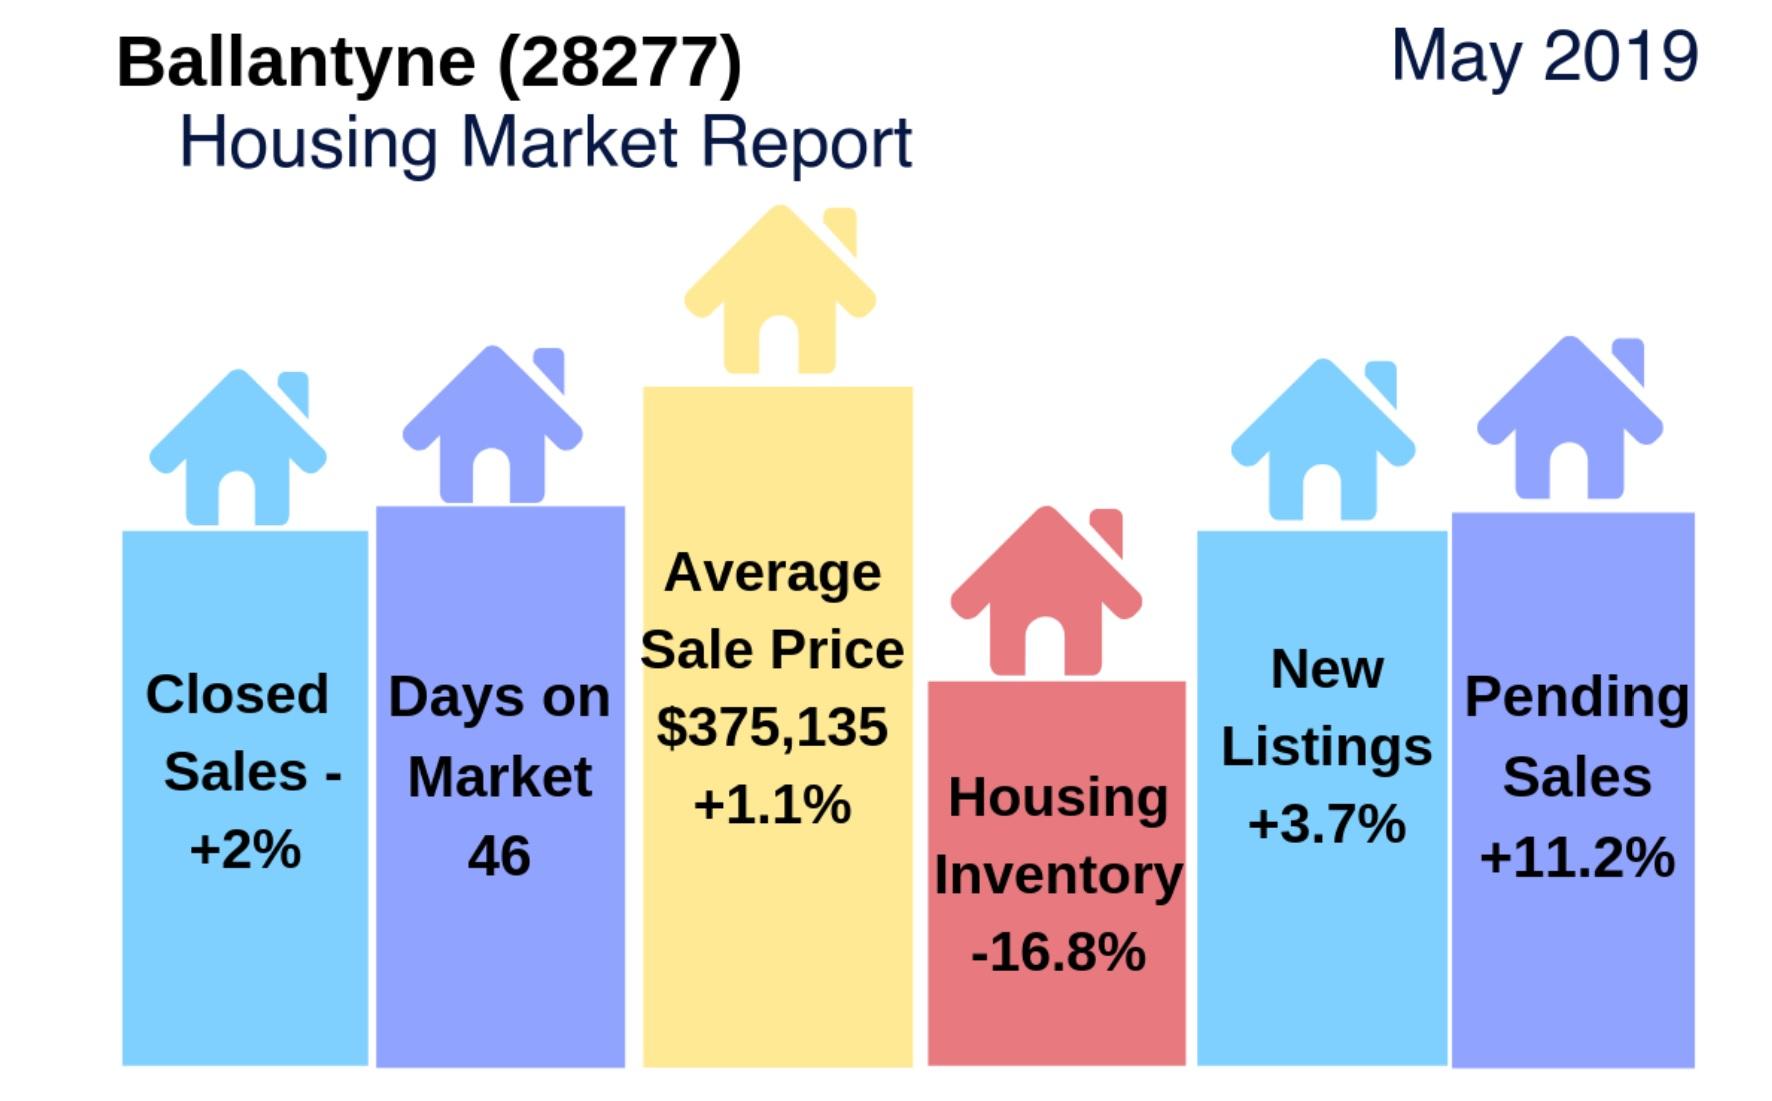 Ballantyne (28277 Zip Code) Housing Market Update & Video: May 2019